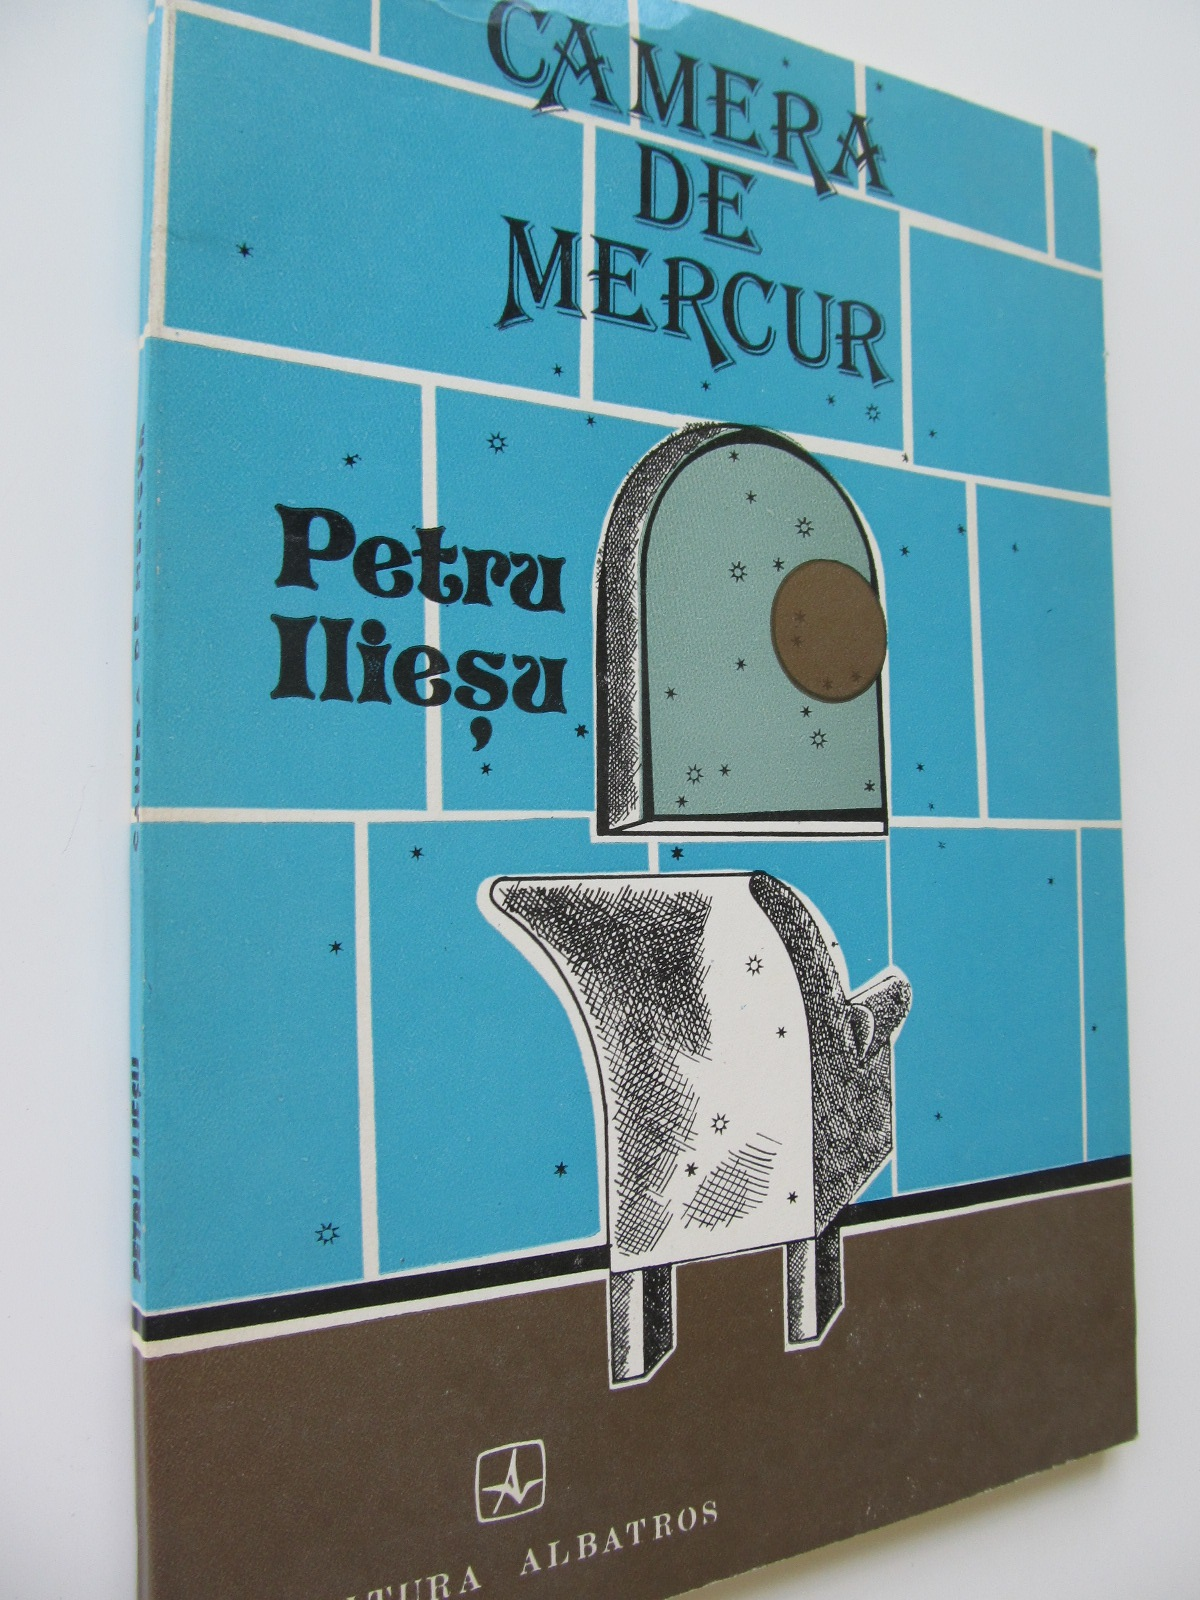 Camera de mercur - Petru Iliesu | Detalii carte